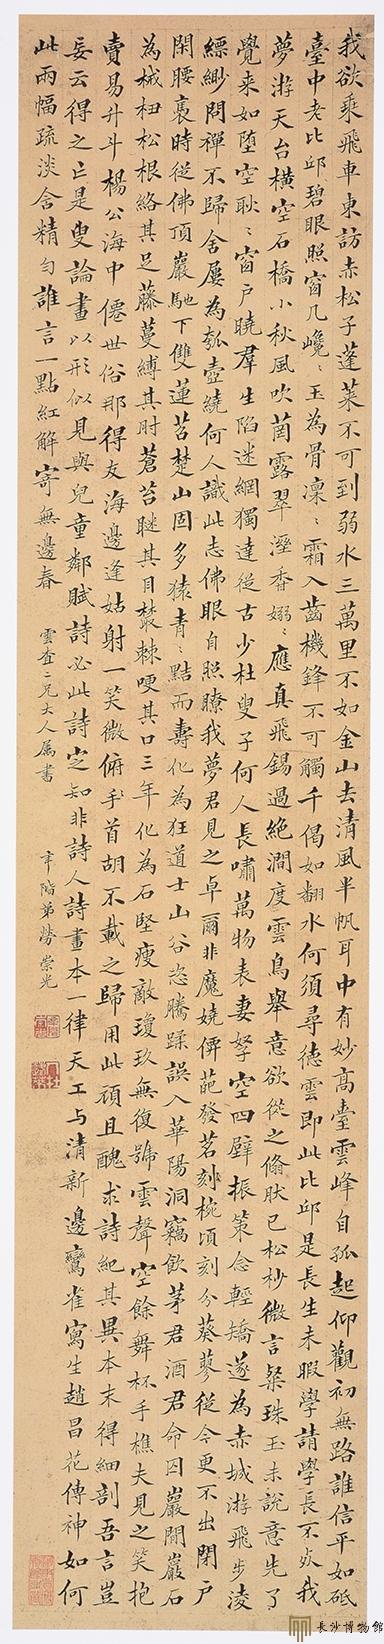 清代劳崇光《楷书轴》湖南省博物馆藏